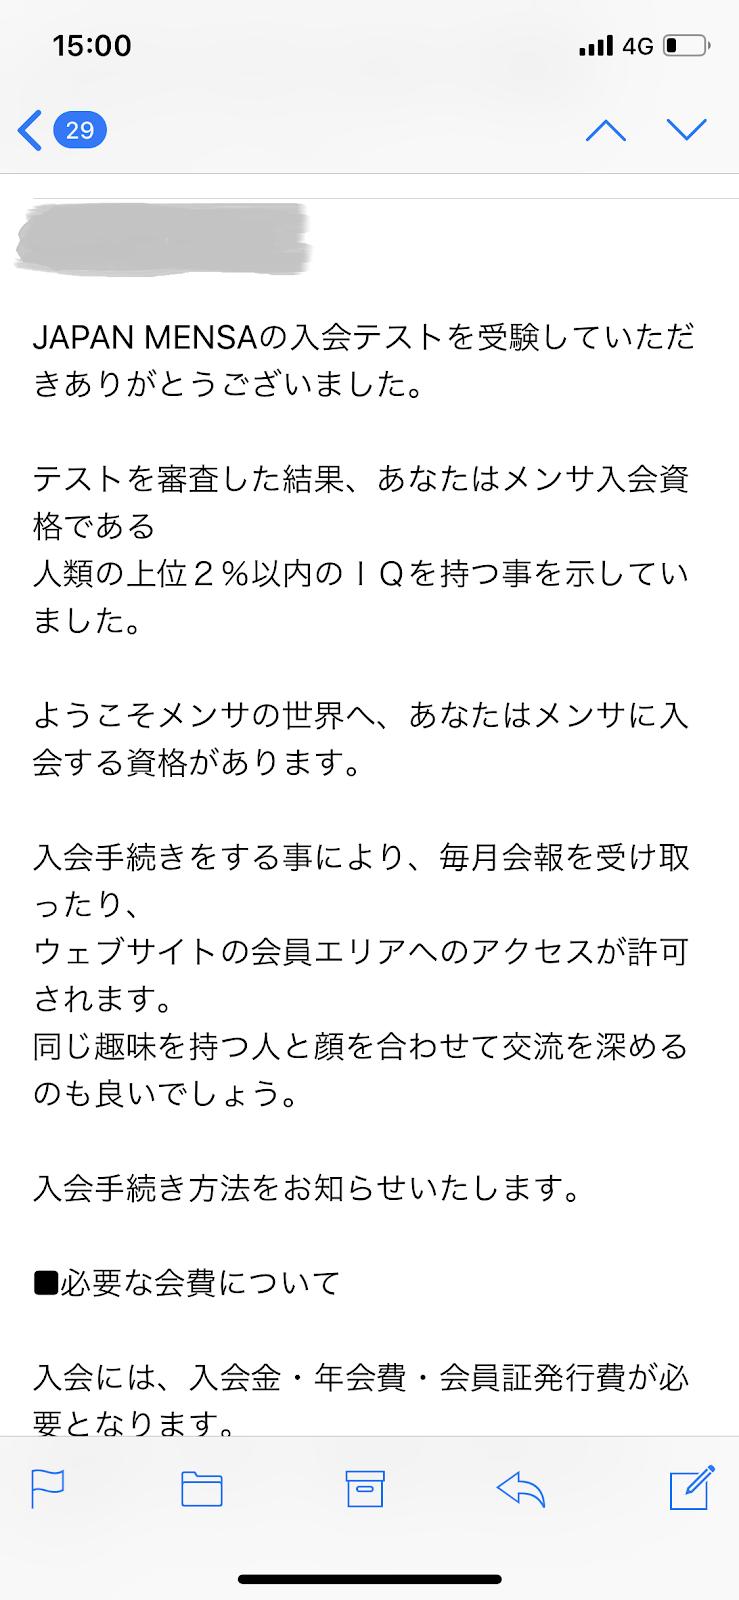 人 メンサ 日本